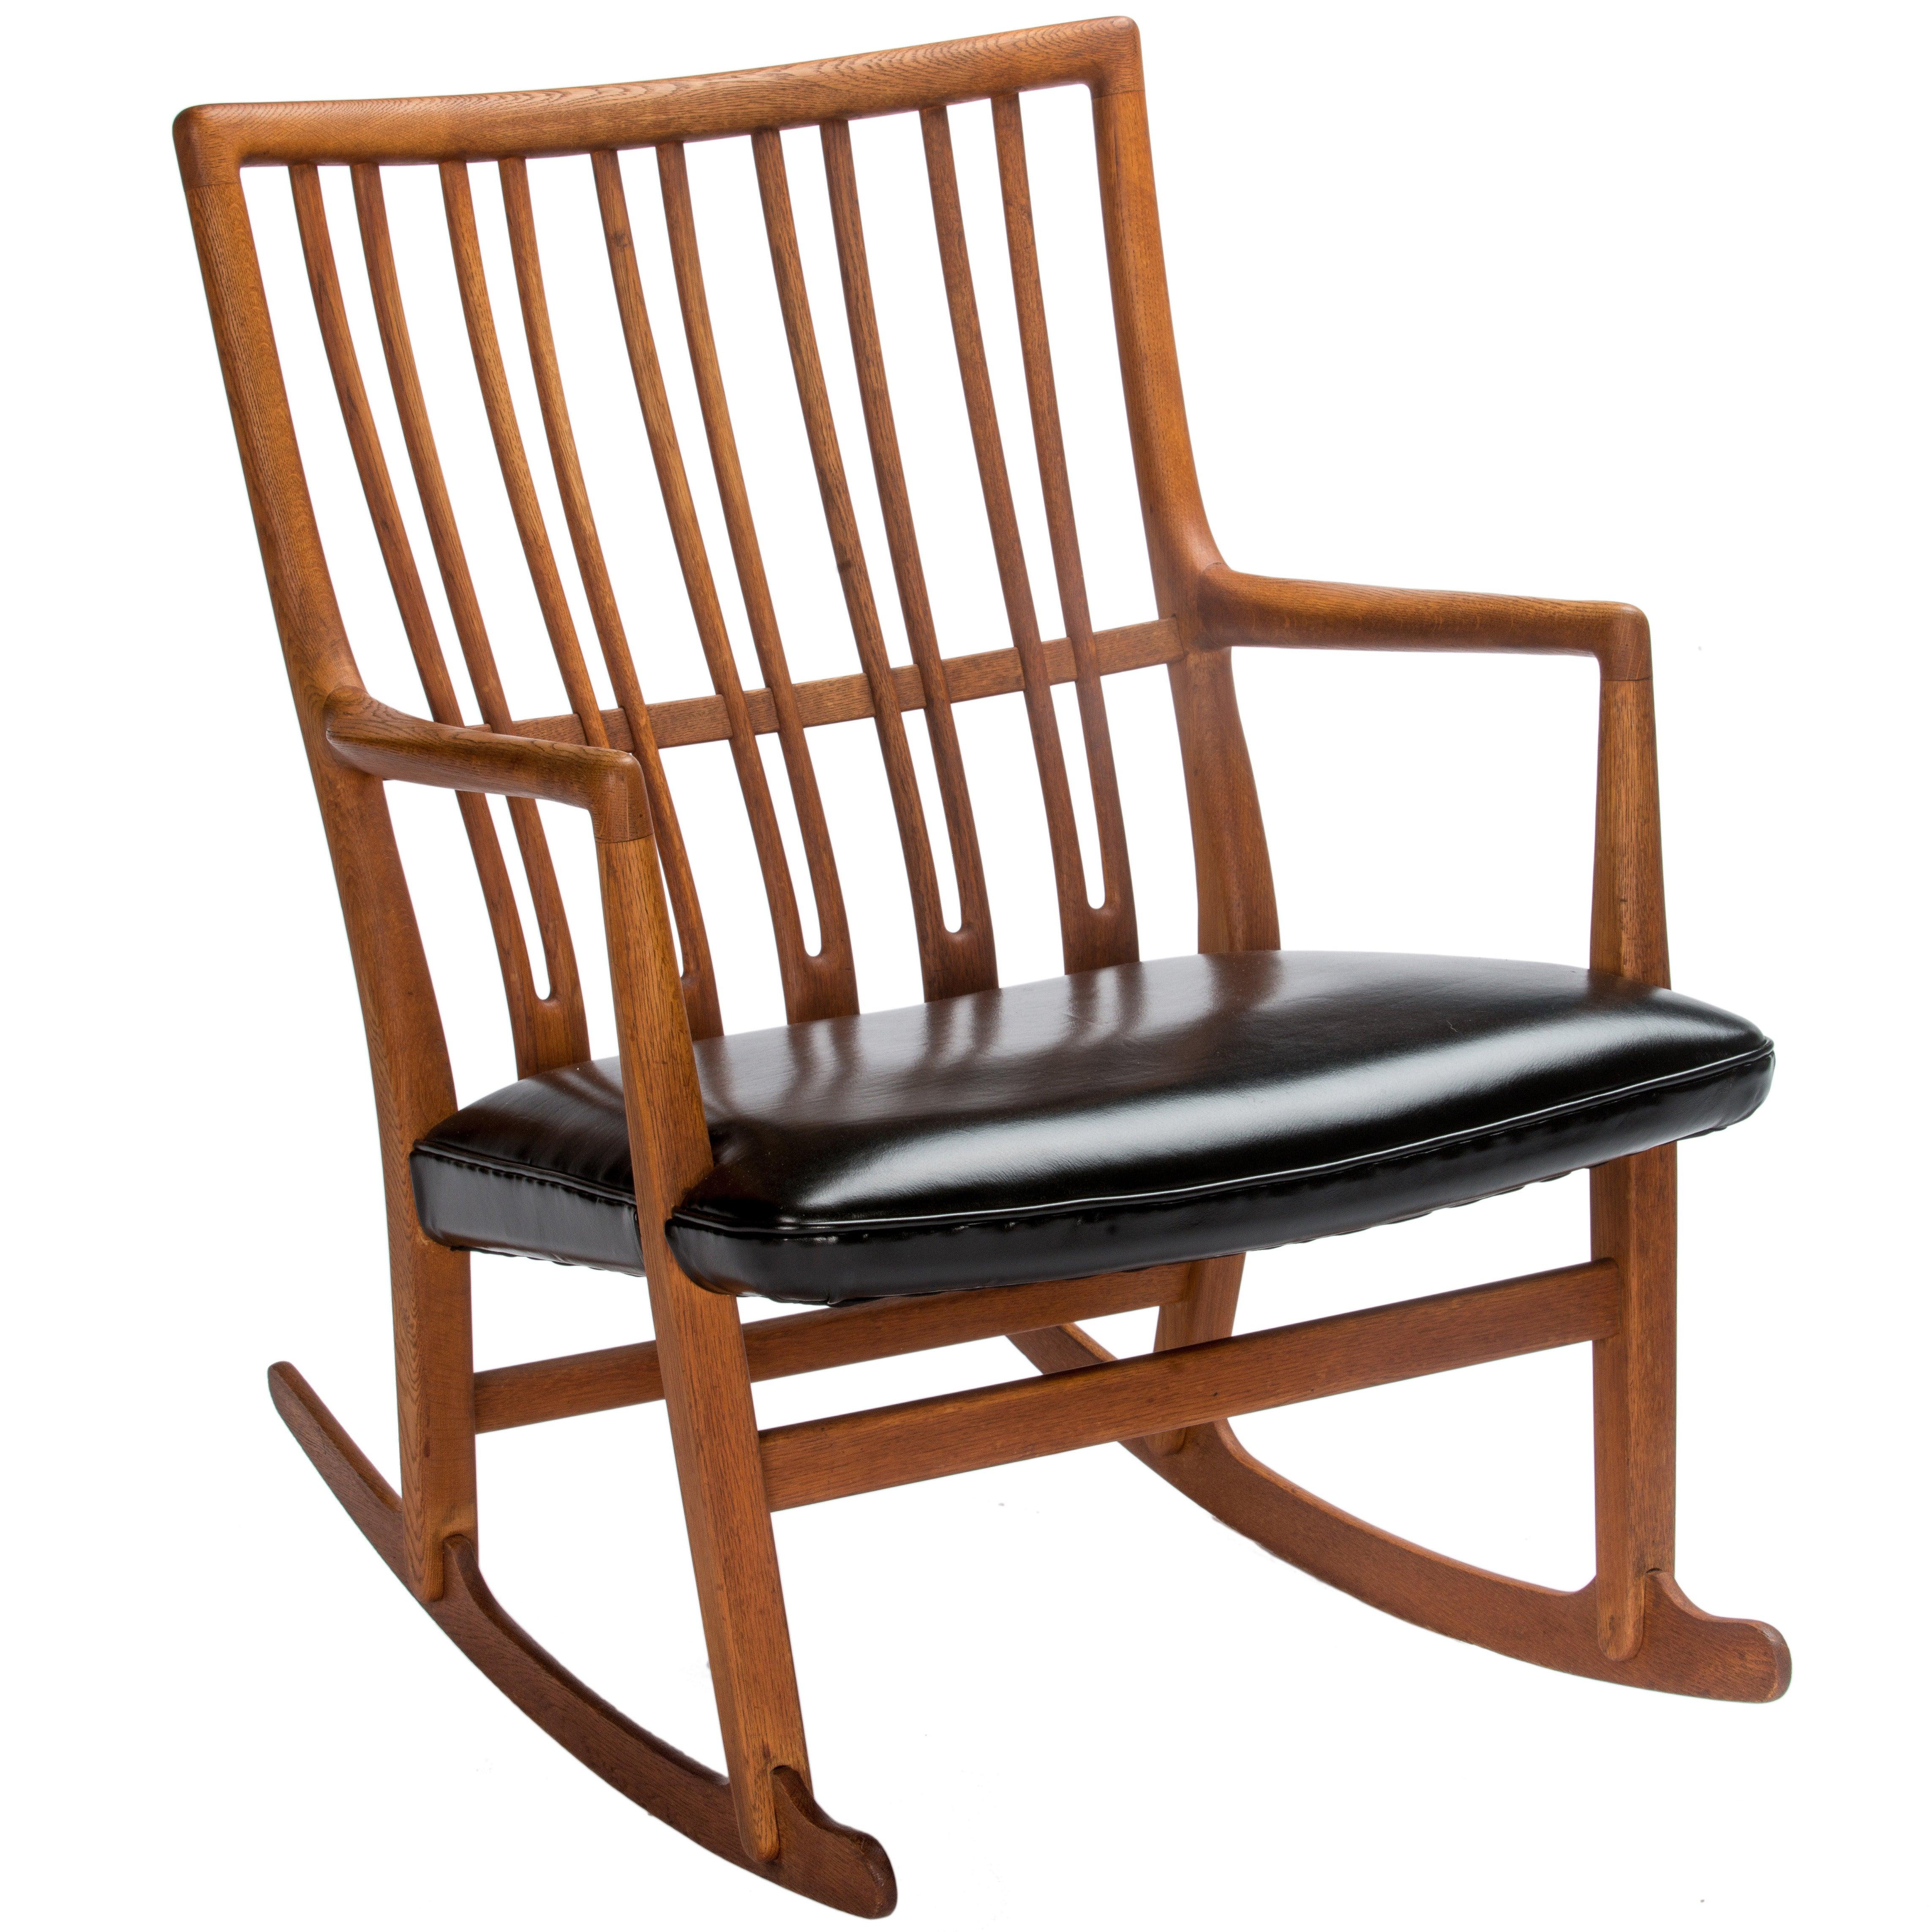 Hans Wegner for Mikael Laursen ML-33 Rocking Chair